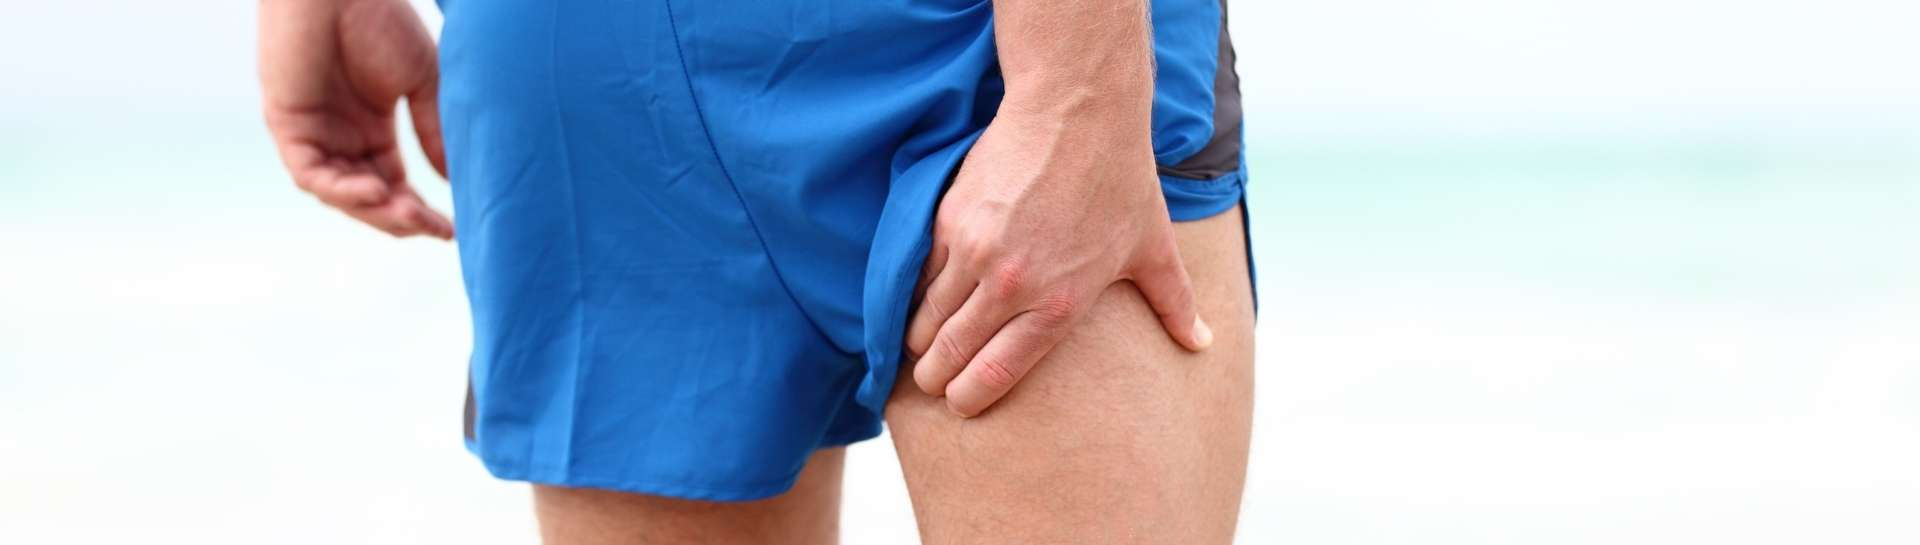 DOMS: Cosa si nasconde dietro i dolori post allenamento?